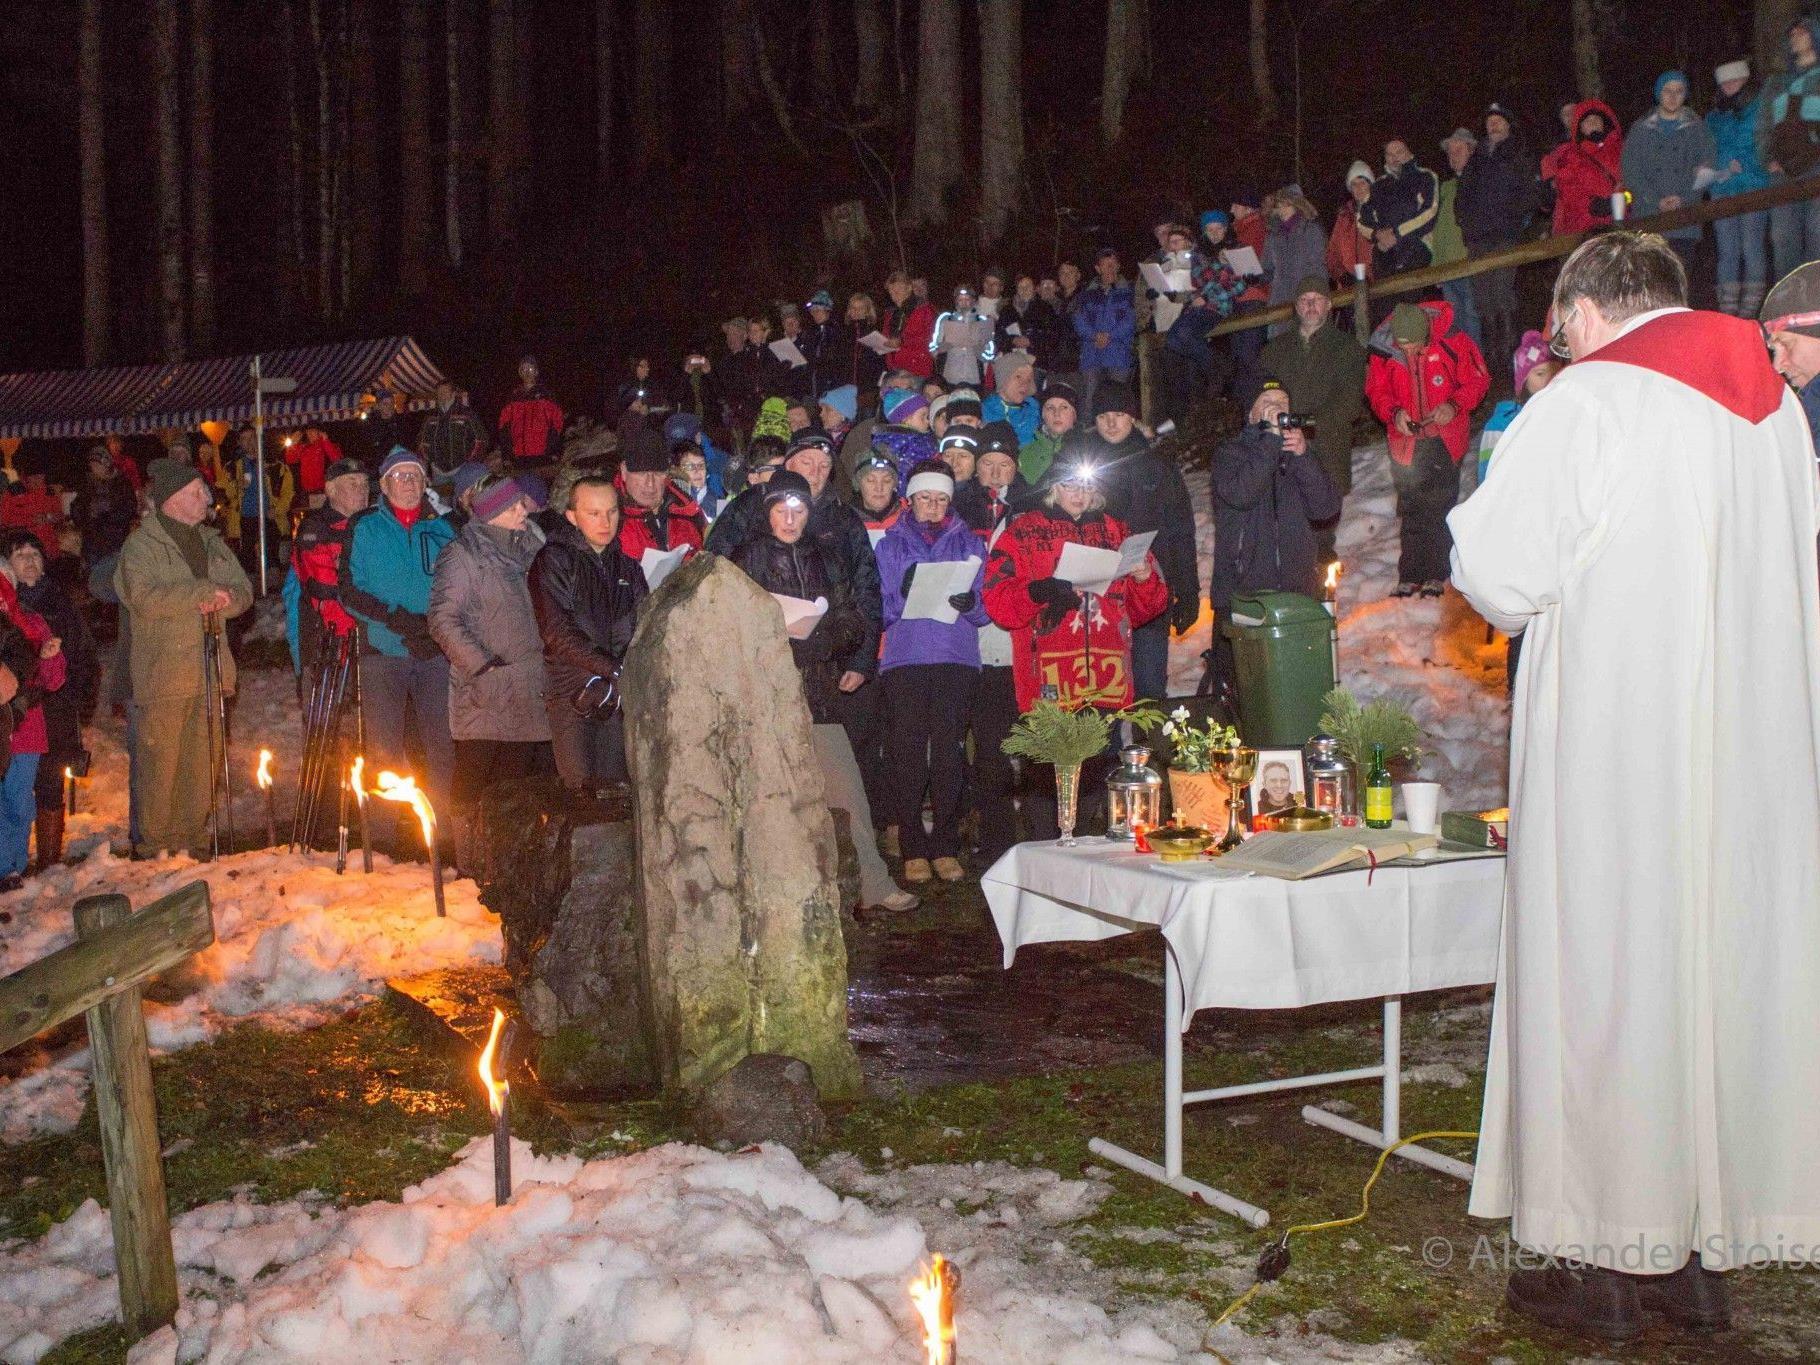 Rund 200 Besucher nahmen an der stimmungsvollen Waldweihnacht auf Ganeu teil.